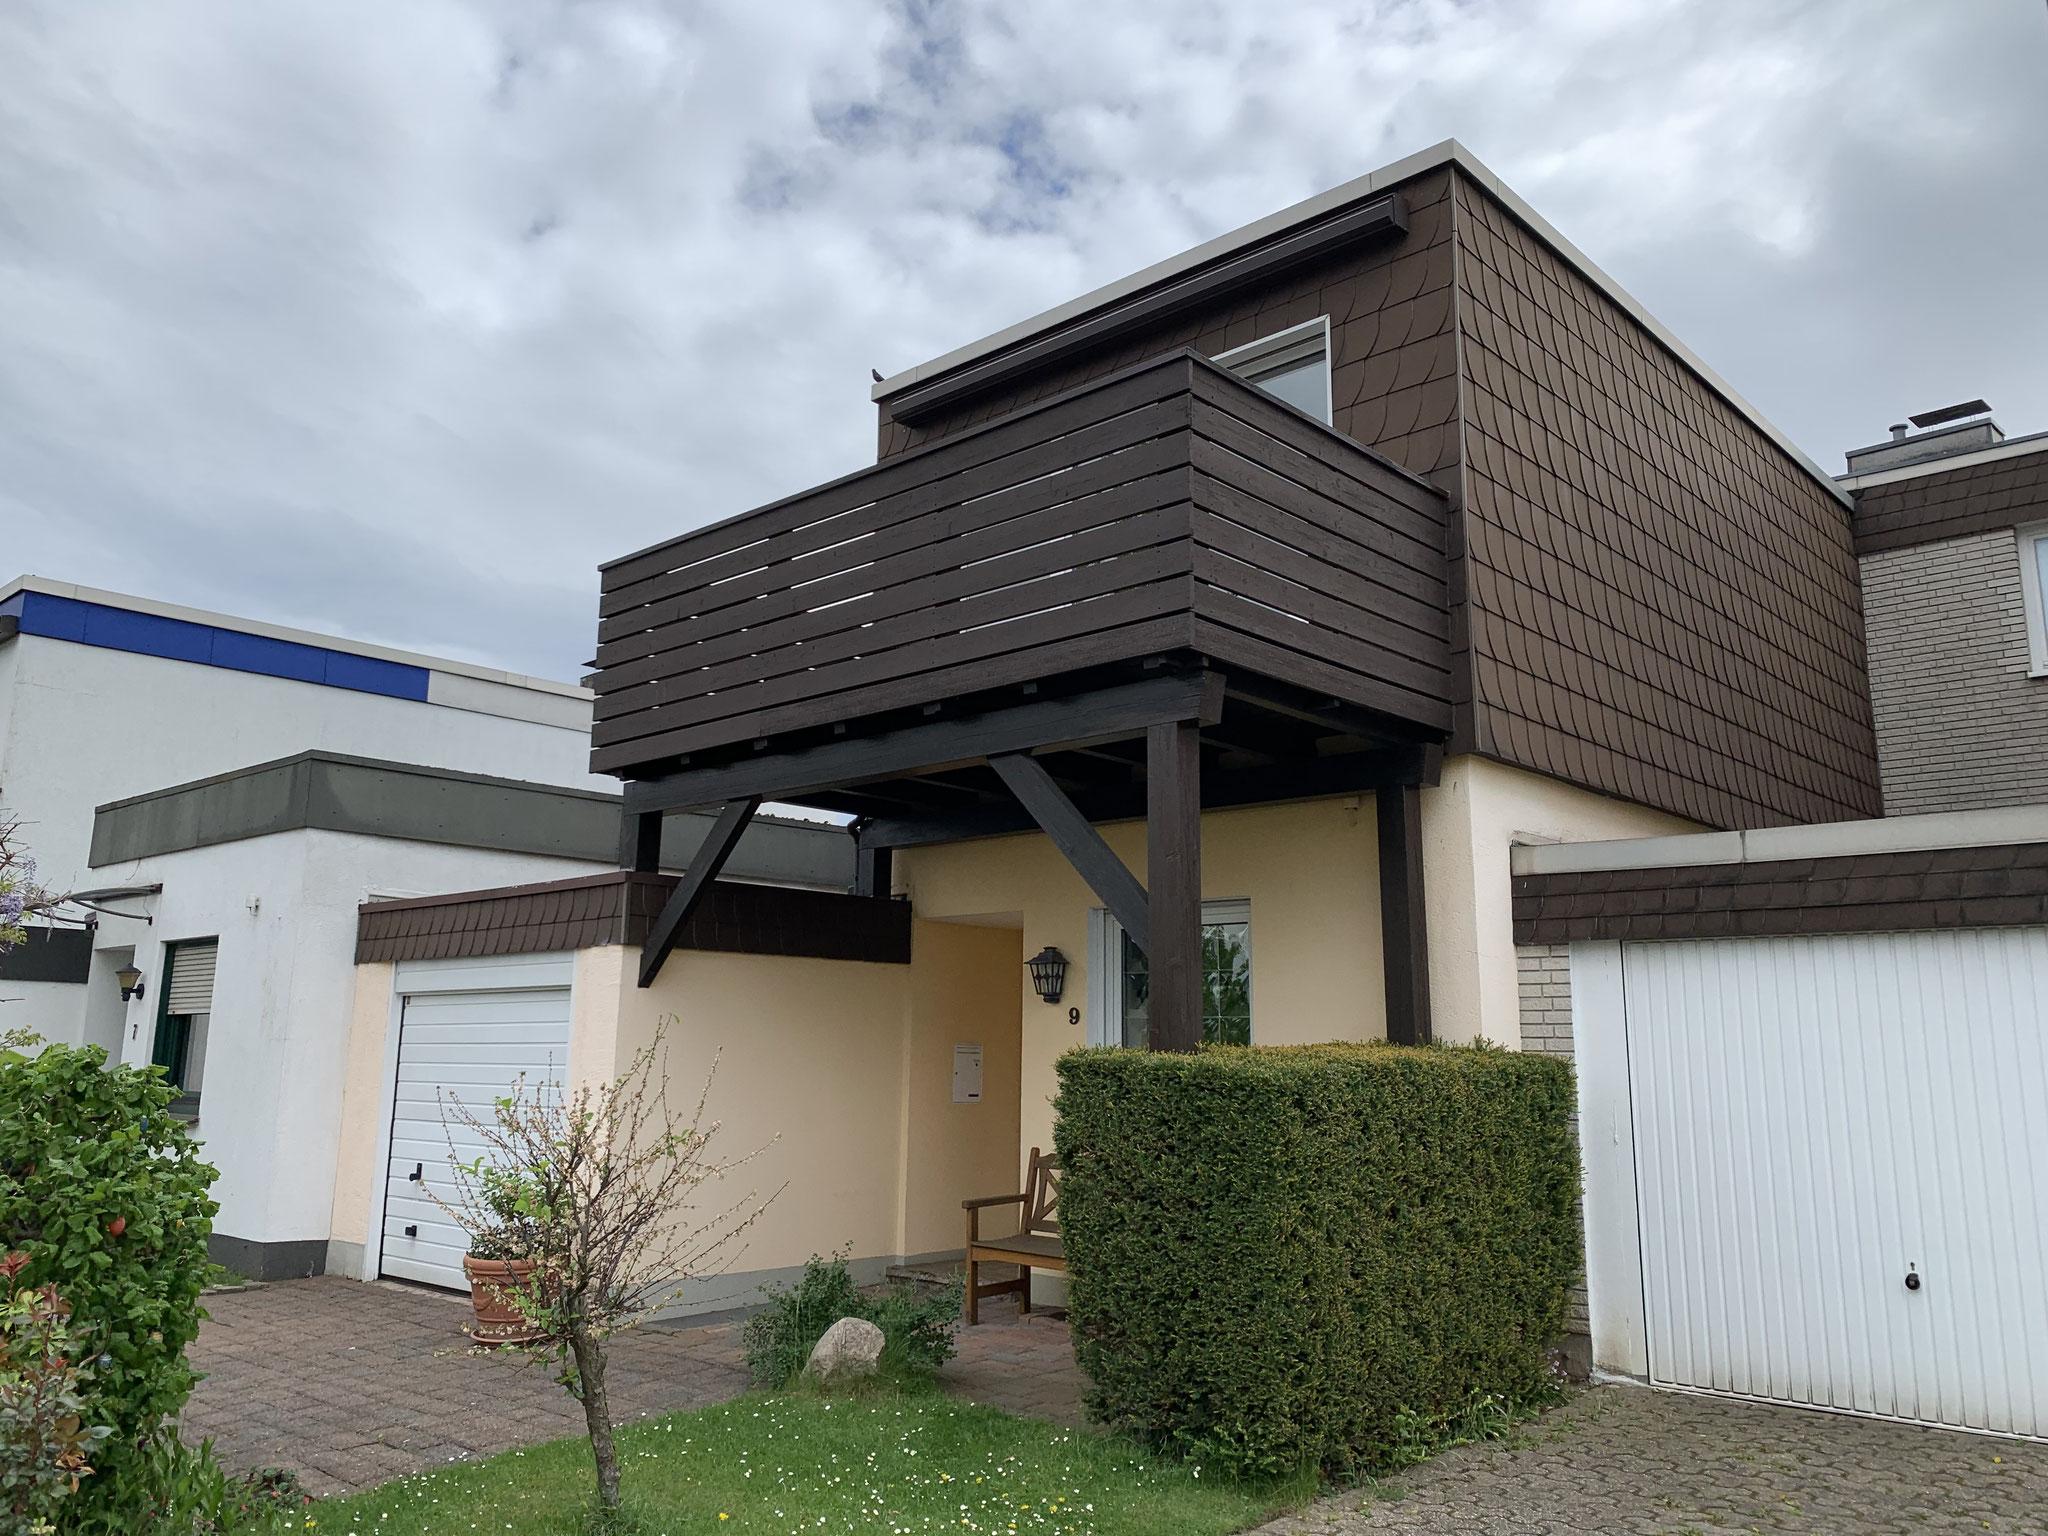 Kombination oben und unten - Balkon und Vordach in einem!